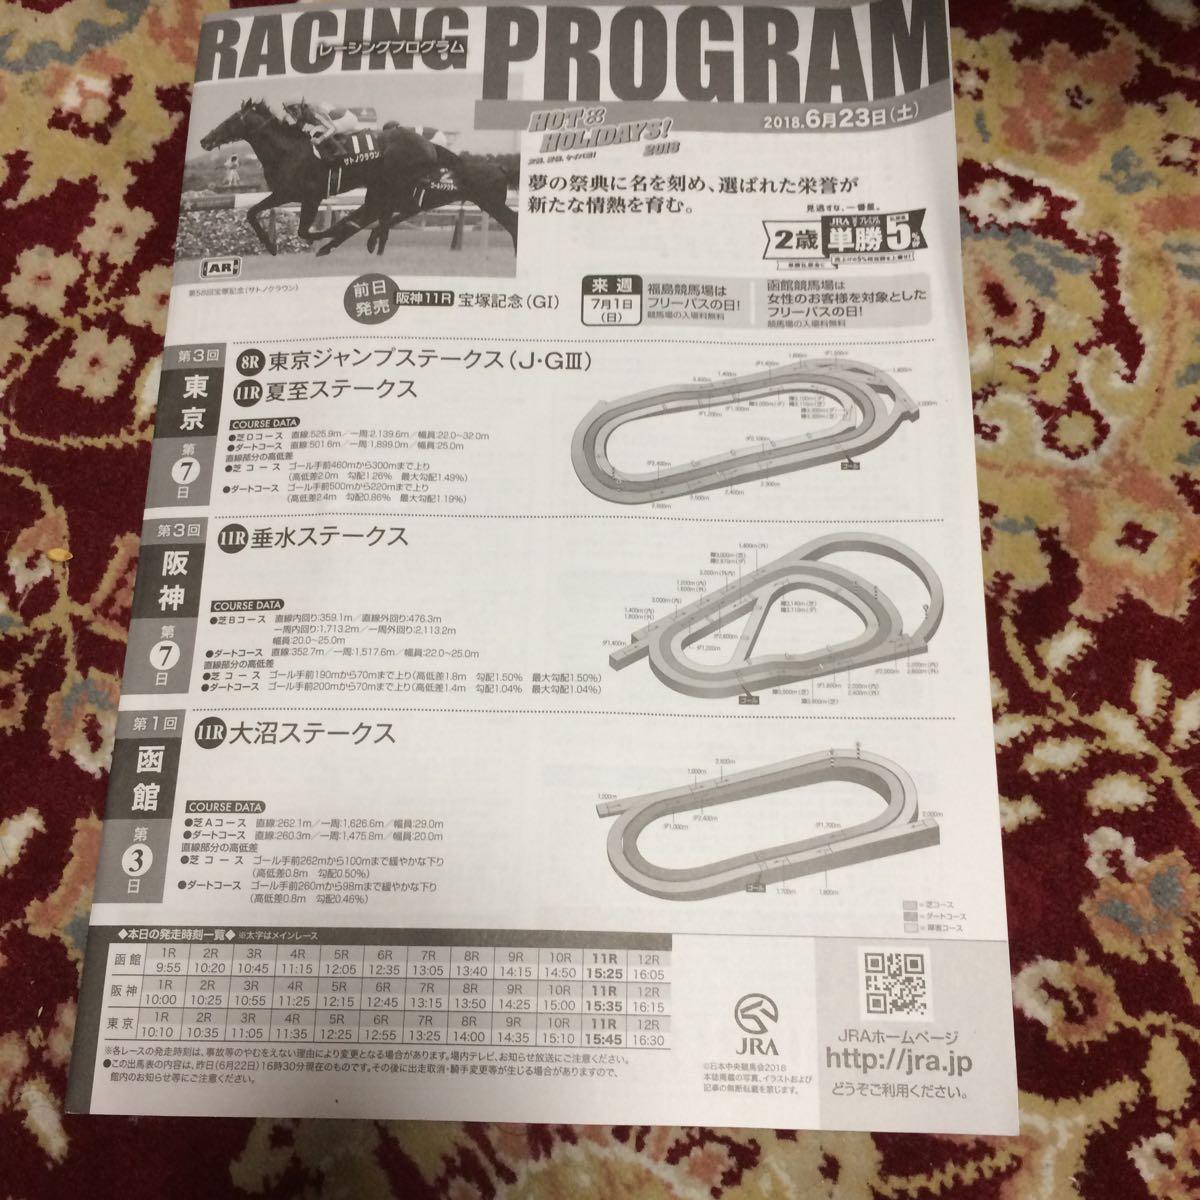 JRAレーシングプログラム2018.6月23日(土)東京ジャンプステークス(J・GⅢ)、夏至ステークス、垂水ステークス、大沼ステークス_画像1